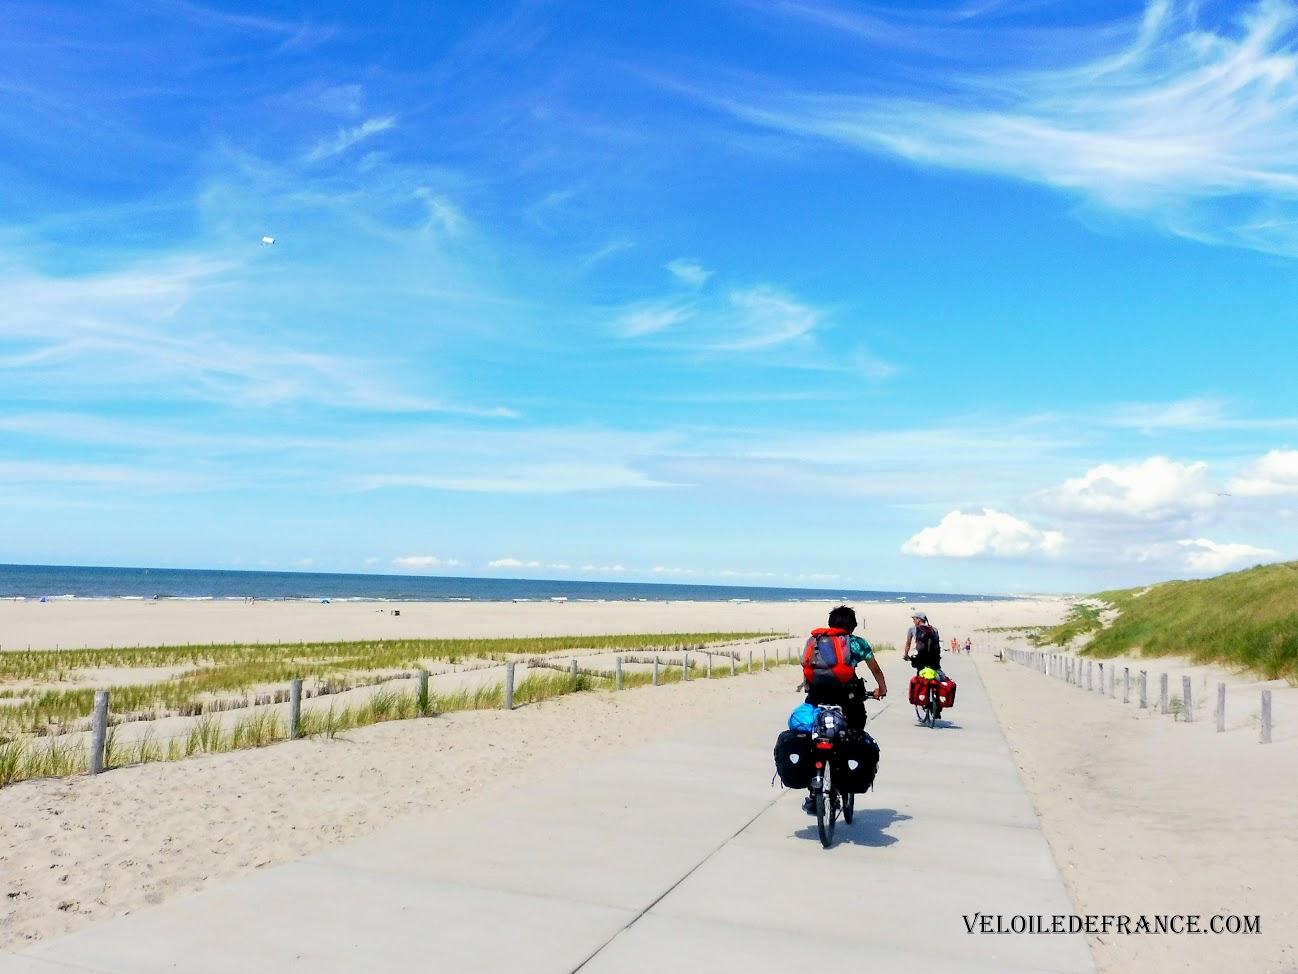 Les plages sauvages entre Den Helder et Wijk aan Zee - Blog LF1 : La véloroute de la Mer du Nord d'Amsterdam à Bruges par veloiledefrance.com